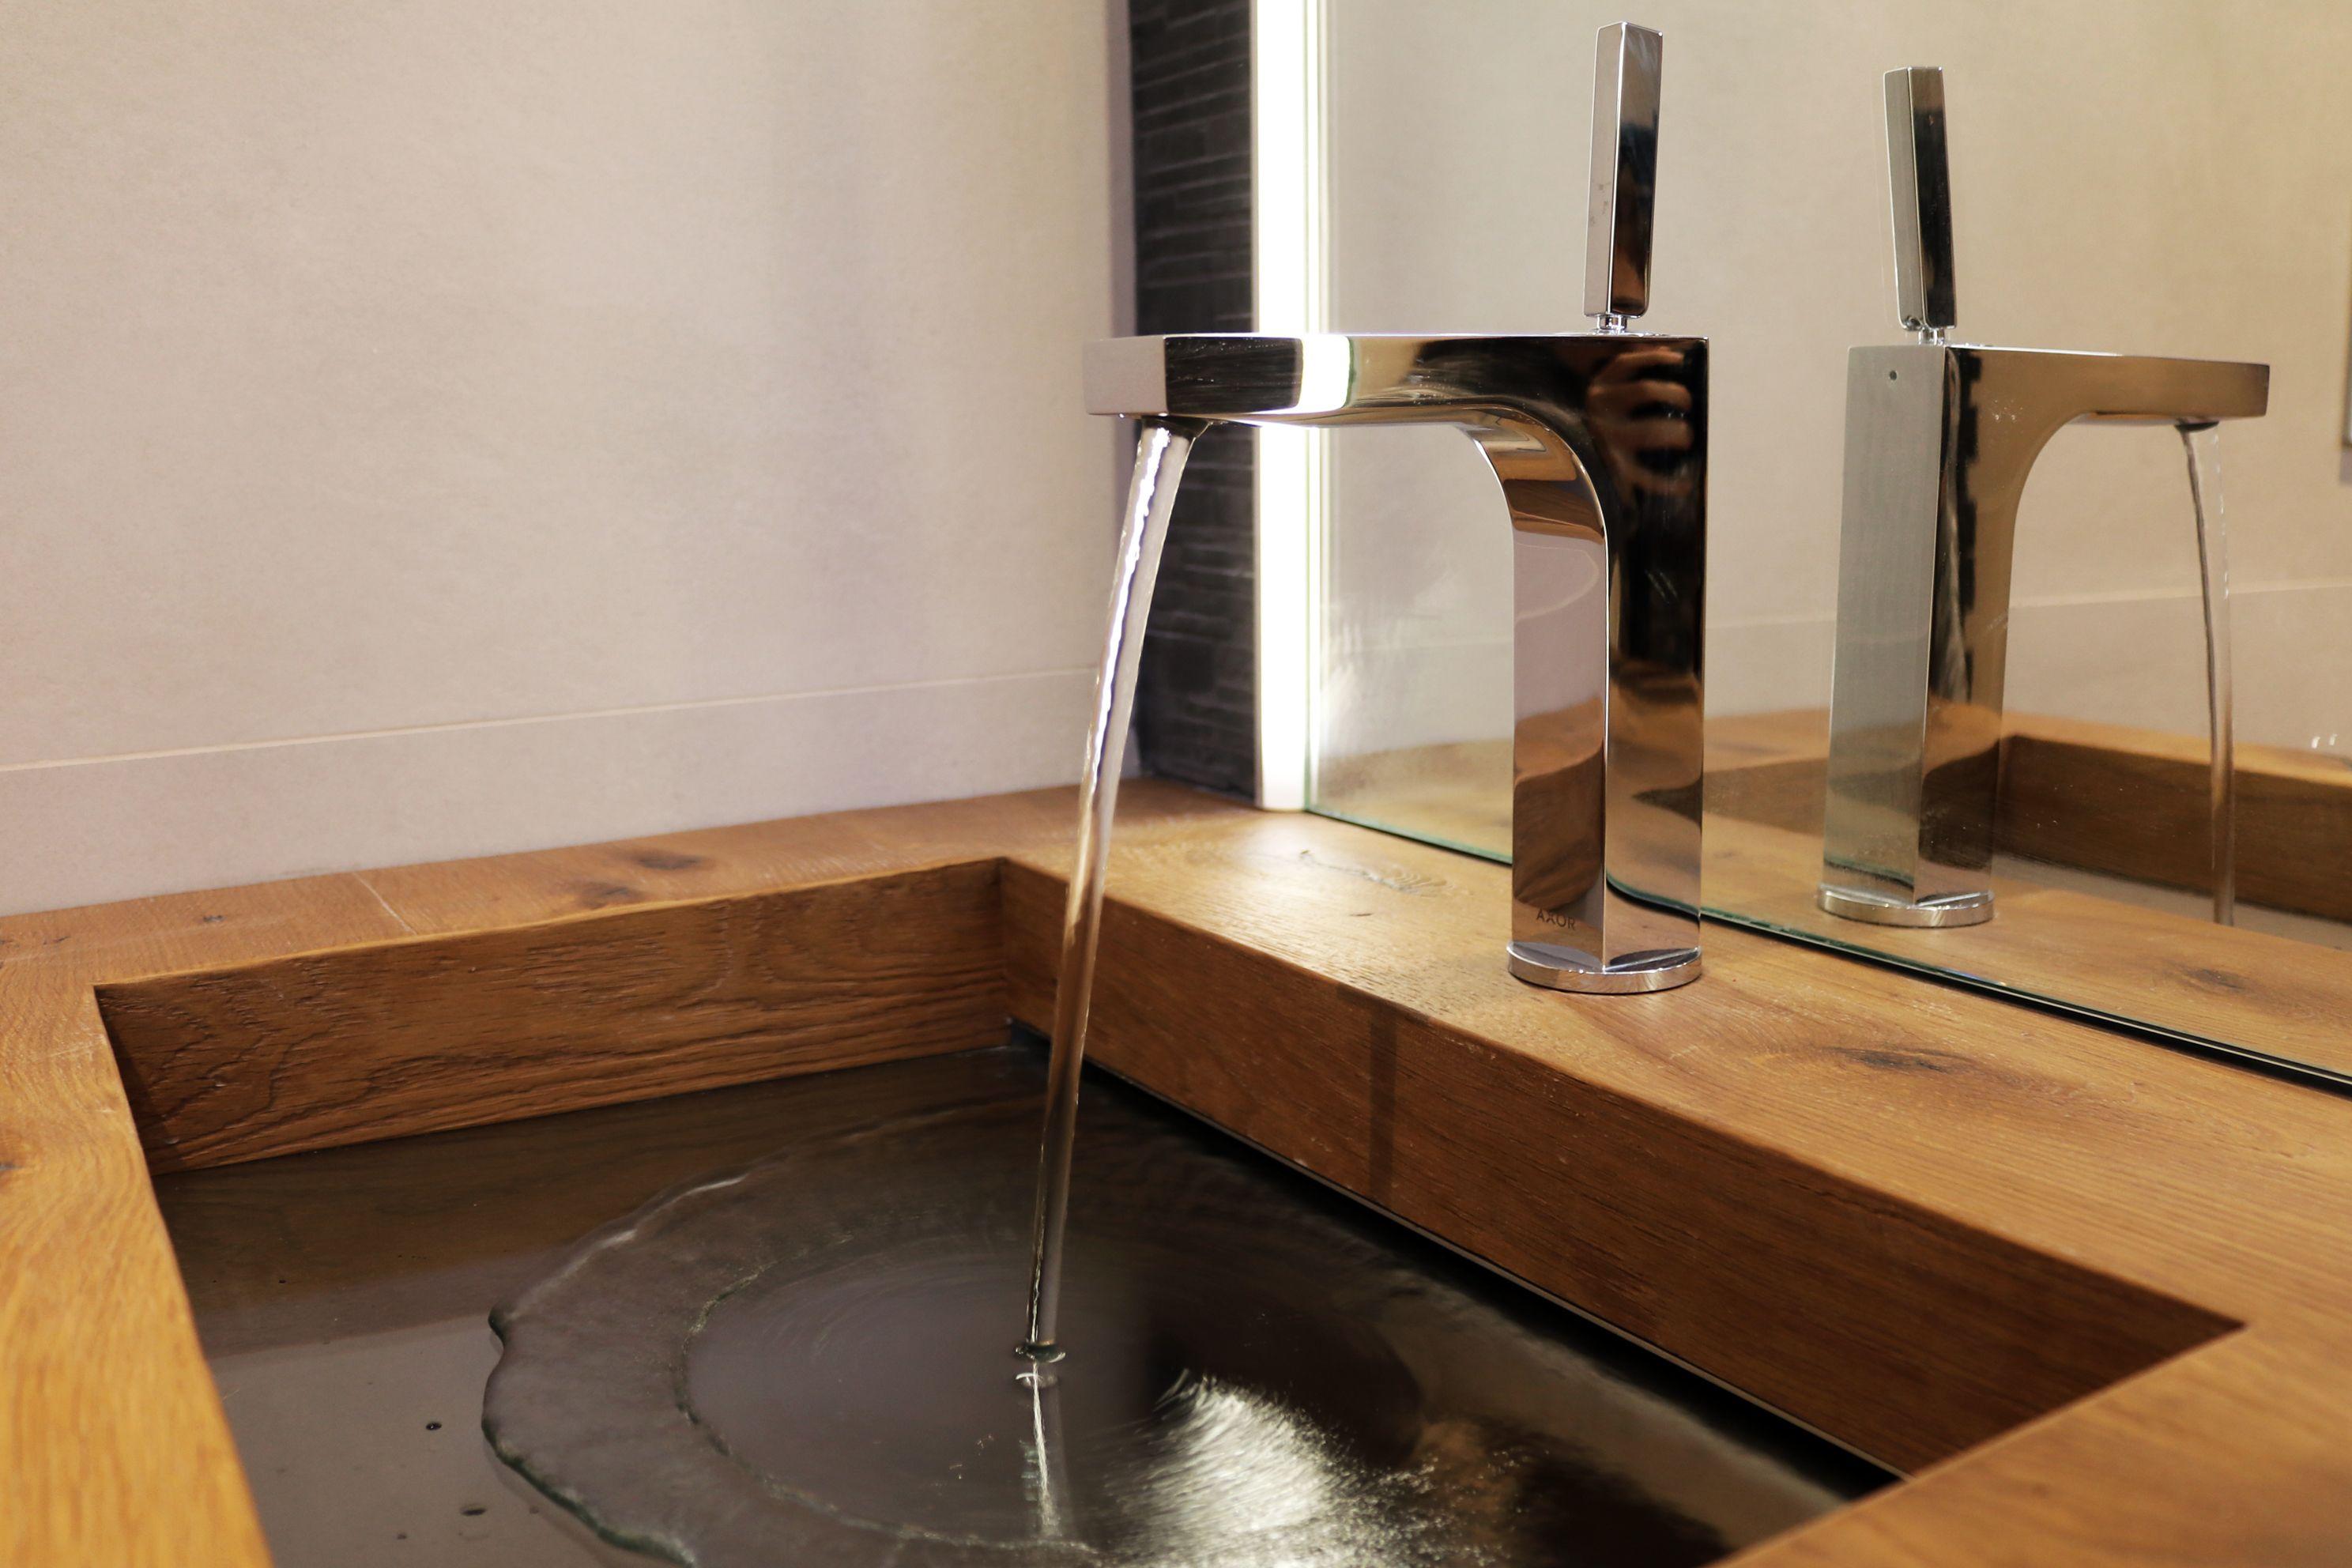 Jewel Avec Images Vasque En Verre Architecture Interieure Projets De Renovations De Maison